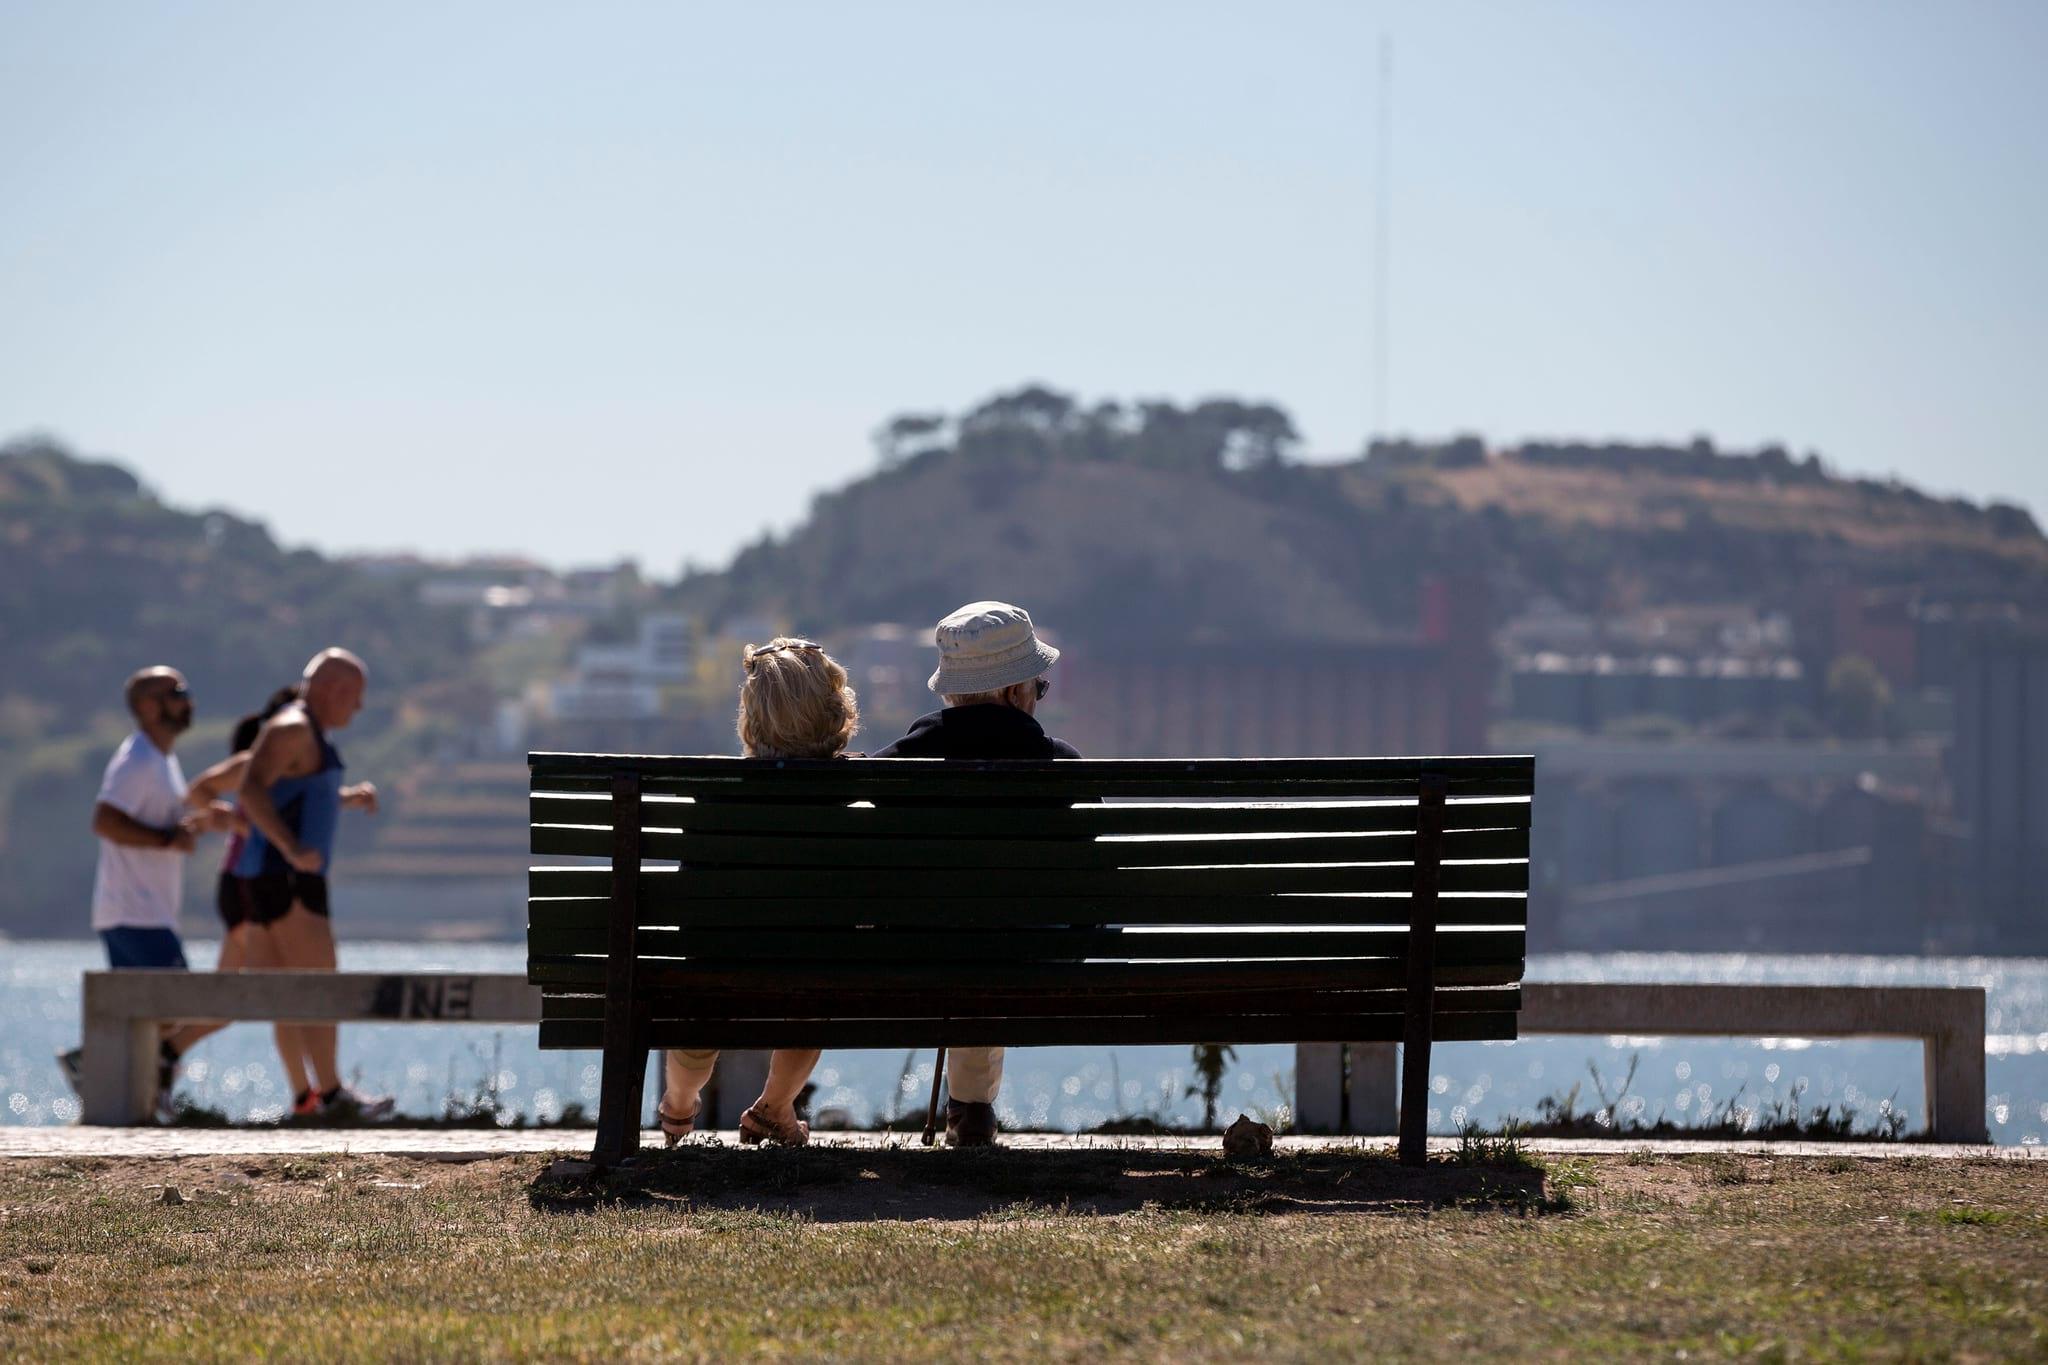 PÚBLICO - Fim-de-semana com temperaturas que podem chegar aos 30 graus